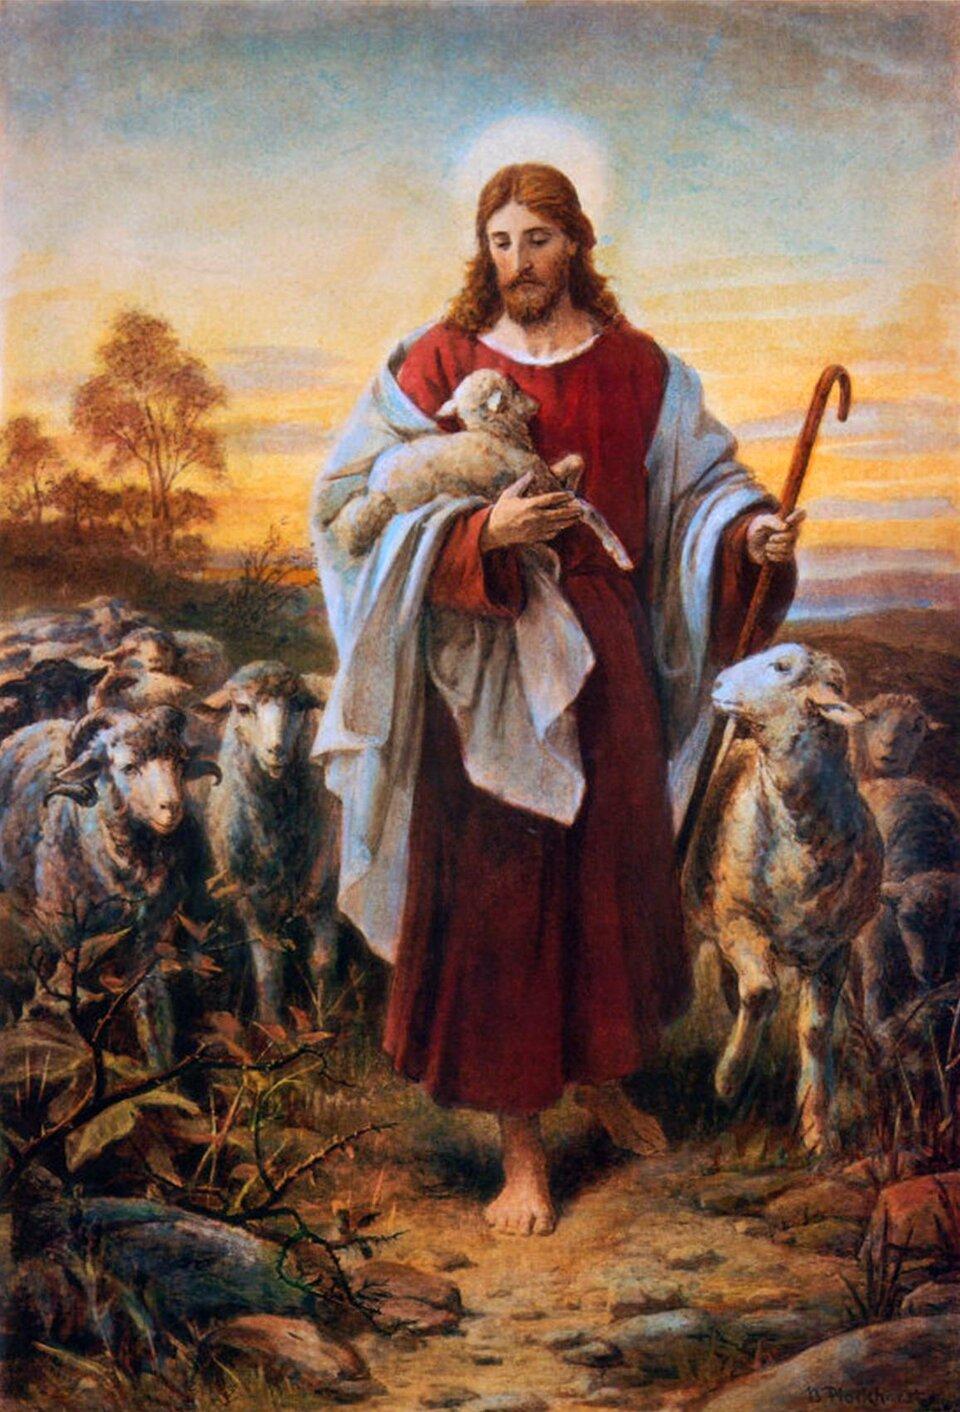 Dobry pasterz Źródło: Bernhard Plockhorst, Dobry pasterz, XIX wiek, domena publiczna.